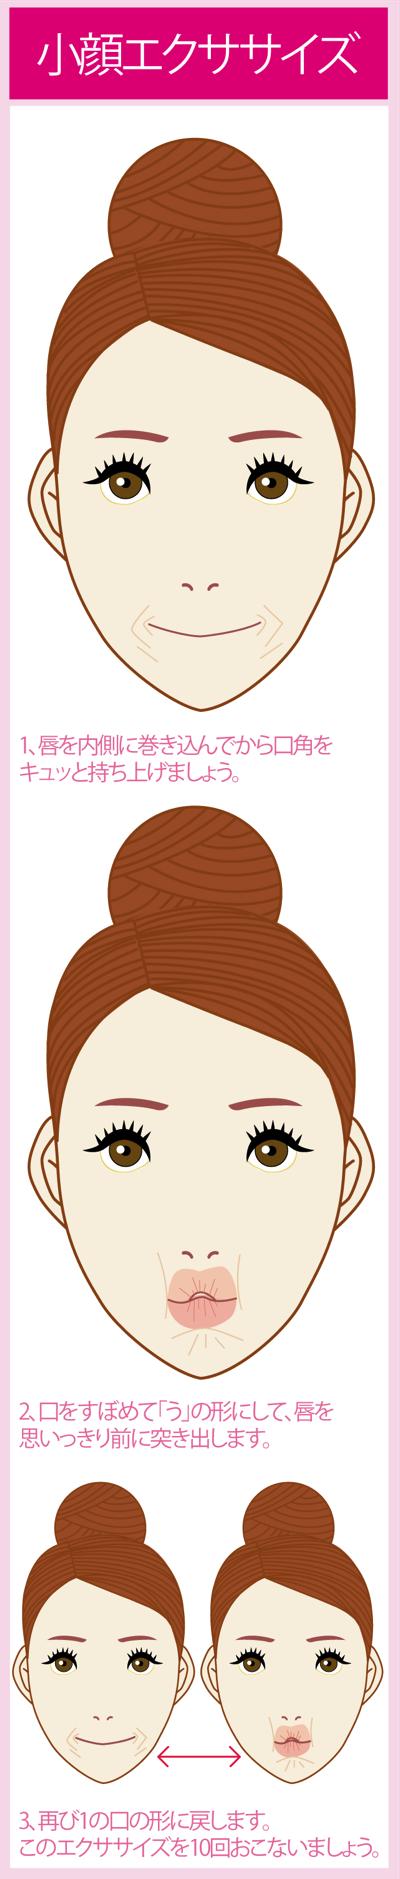 顔痩せ表情筋エクササイズ1